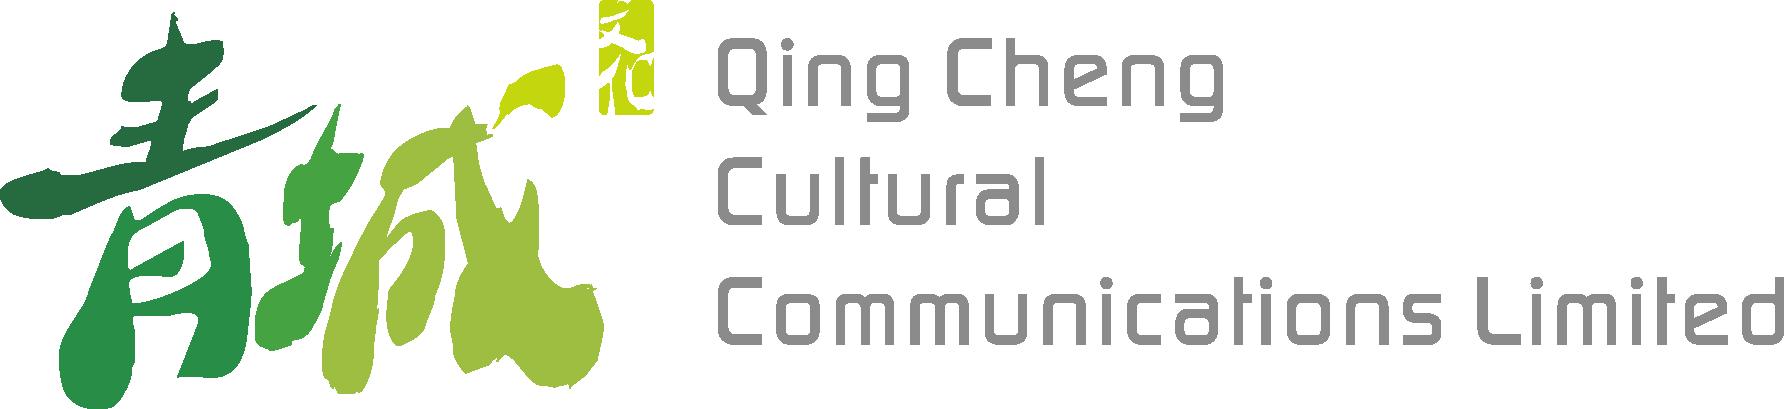 中山市青城文化传播有限公司